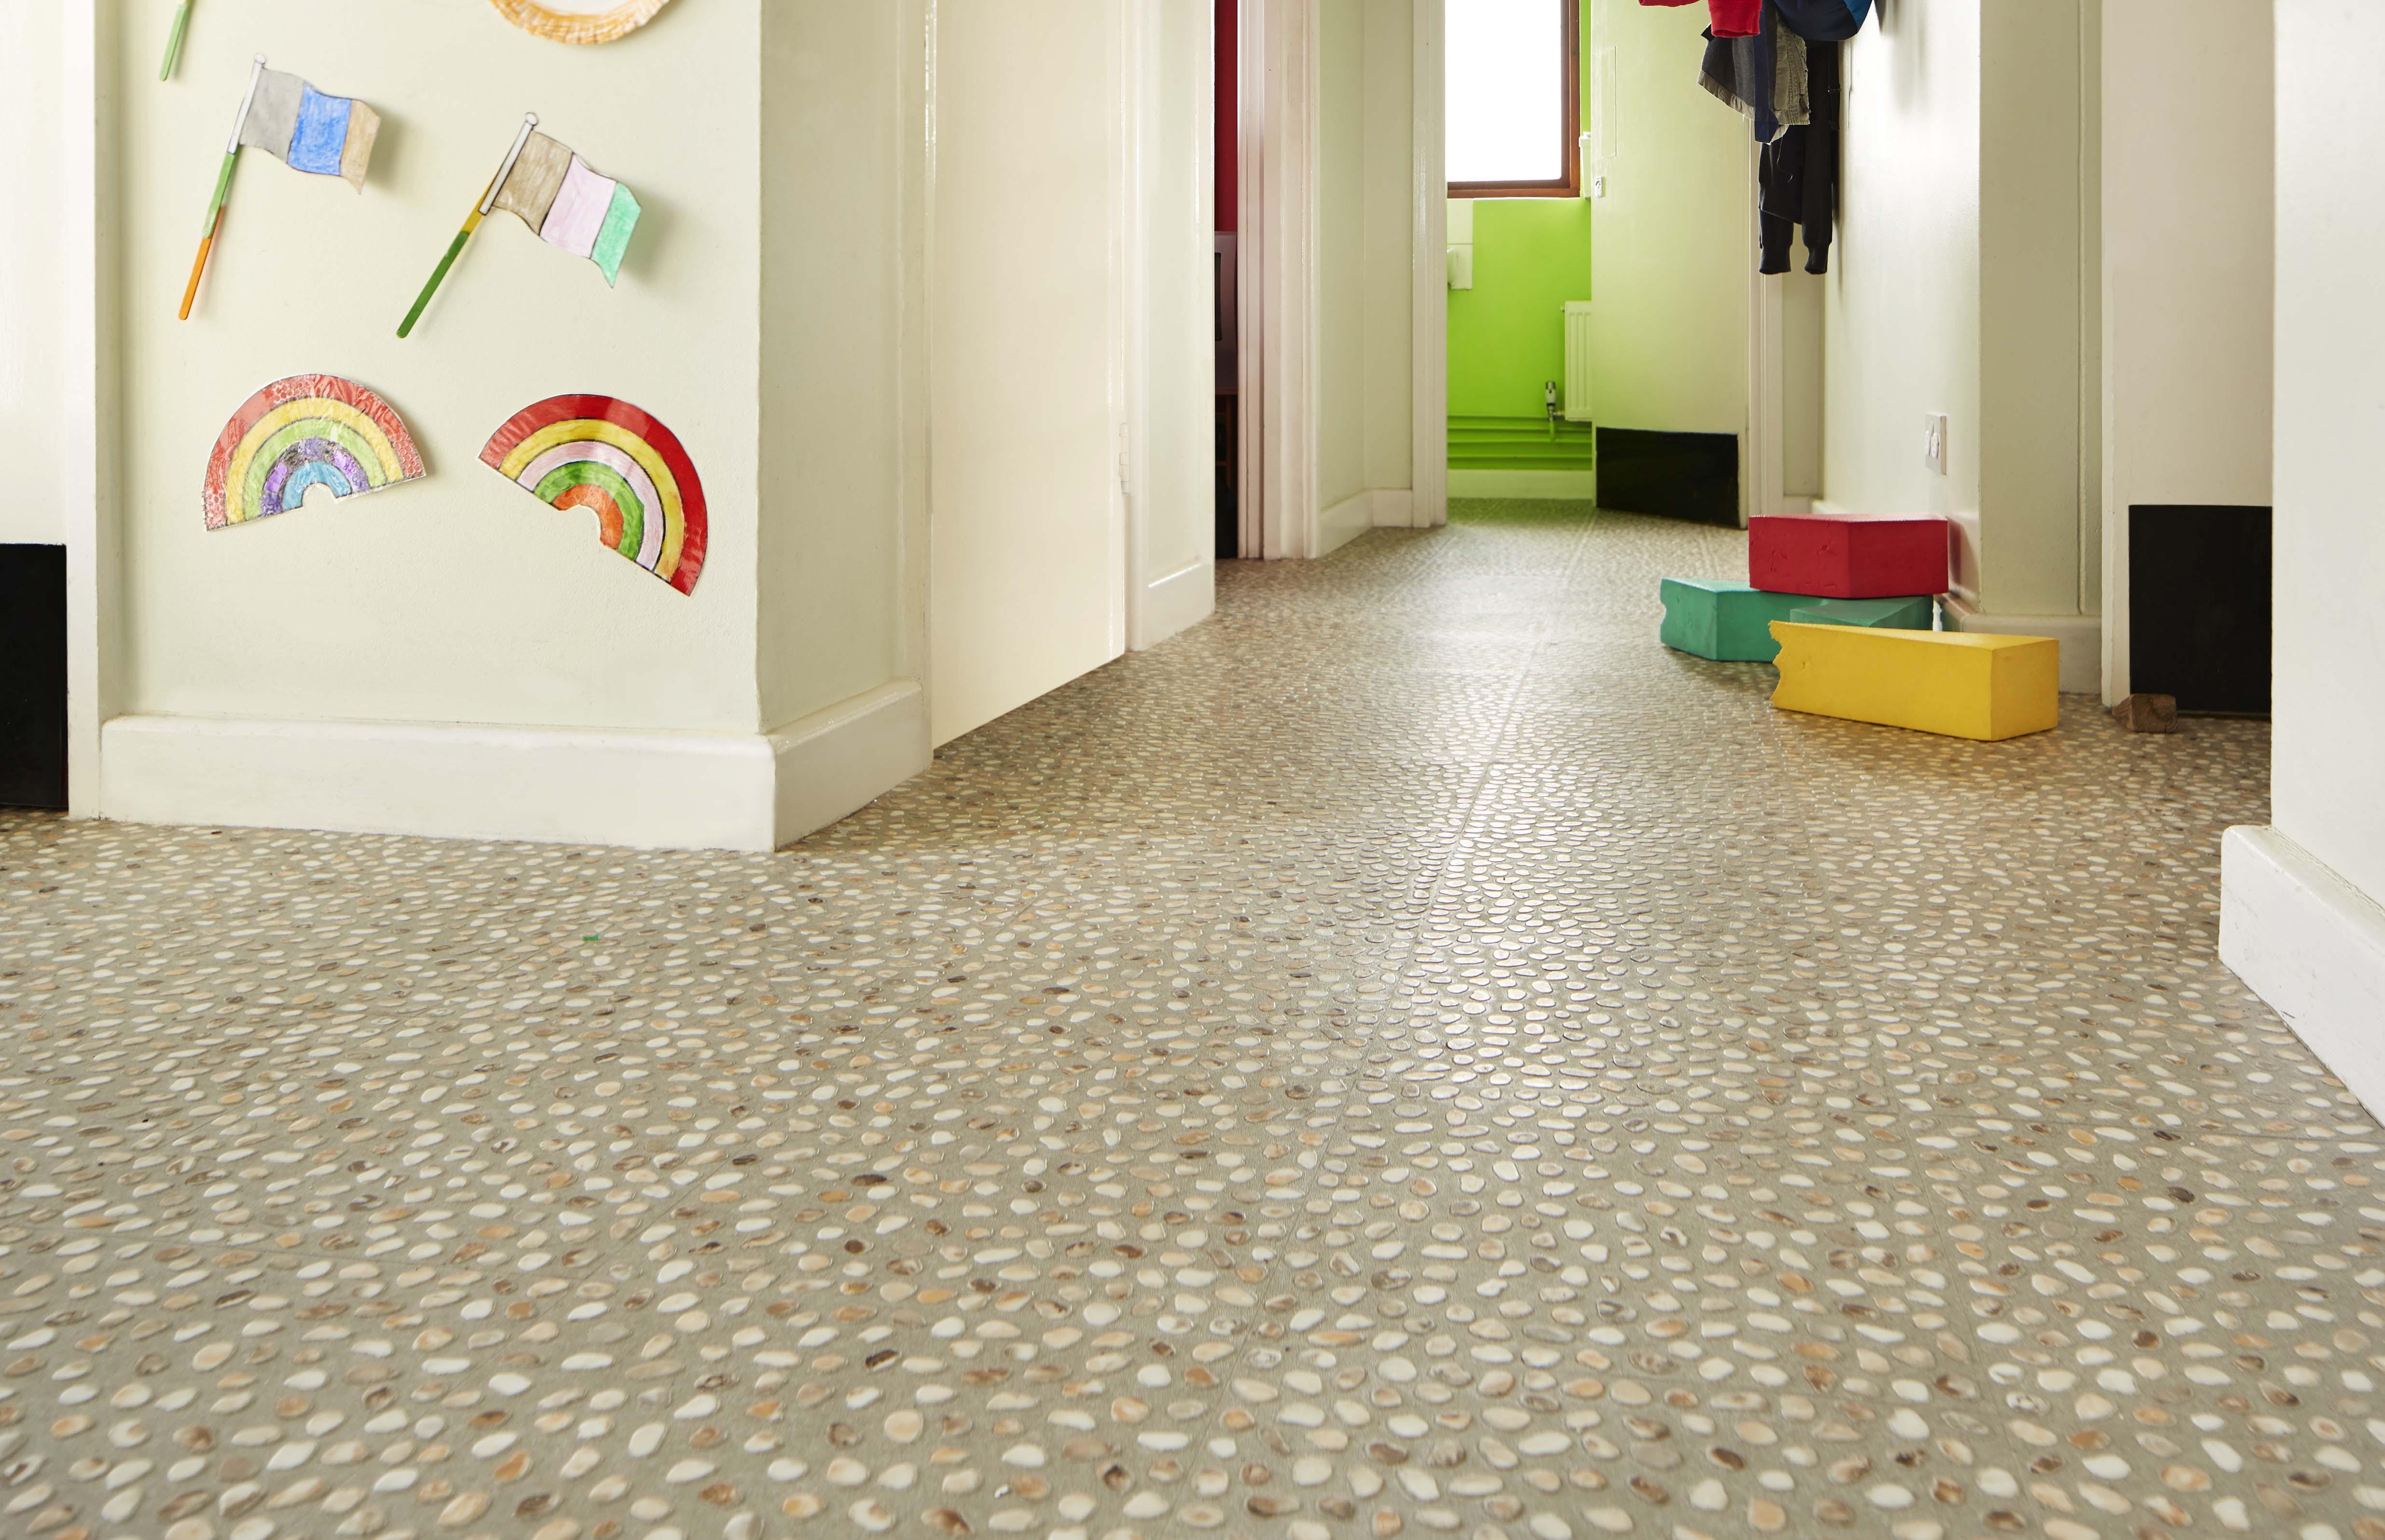 marble tile before studies worcester floor flooring karndean thumb effect luxury case sproul